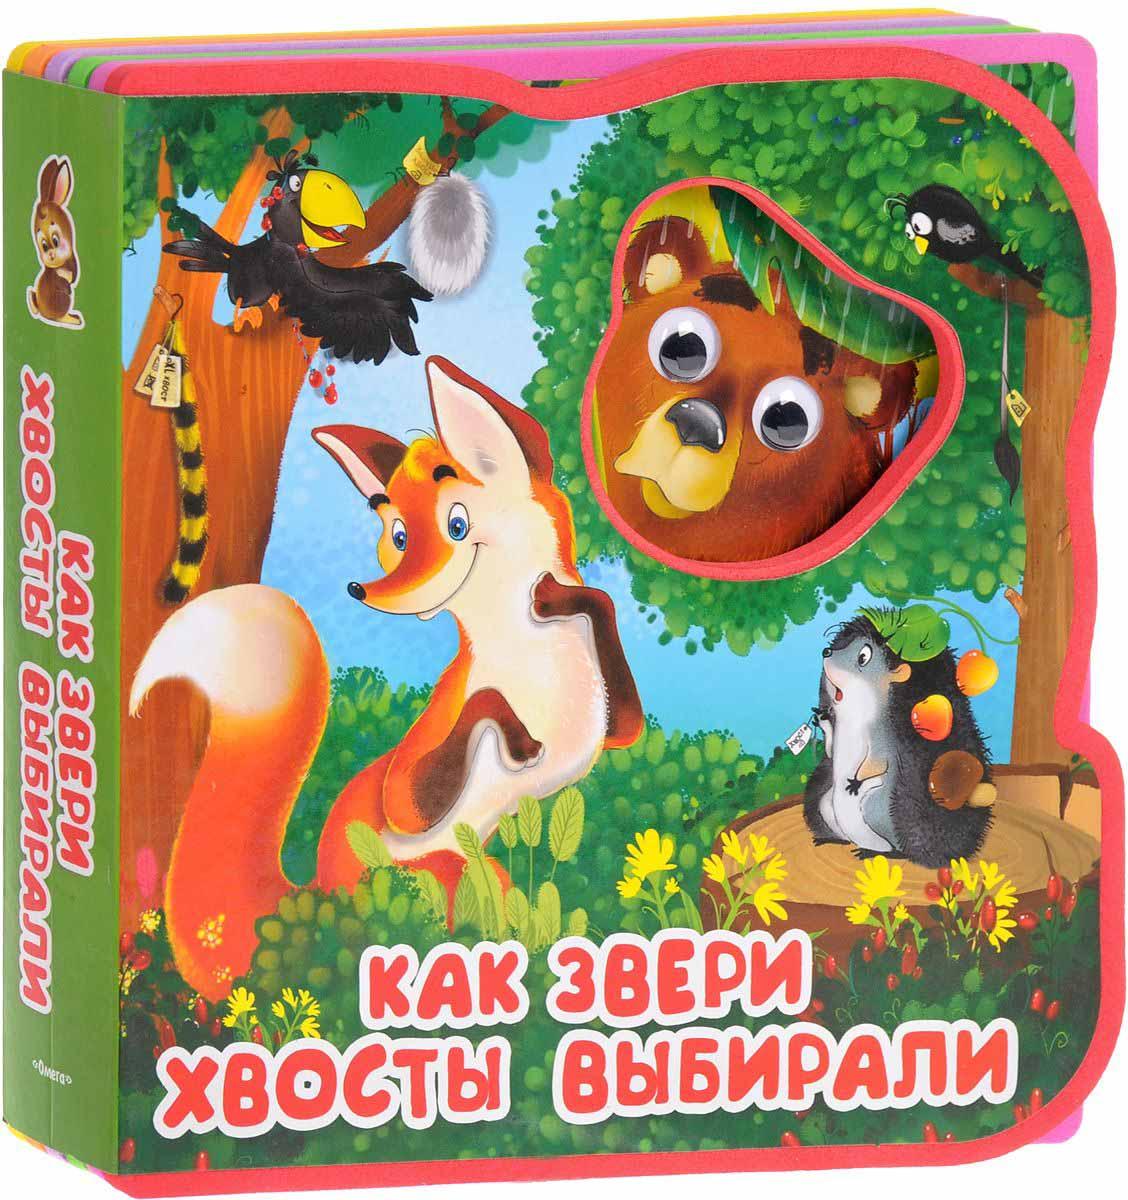 Книжка-сказка с глазками  Как звери хвосты выбирали - РАЗВИВАЕМ МАЛЫША, артикул: 172373